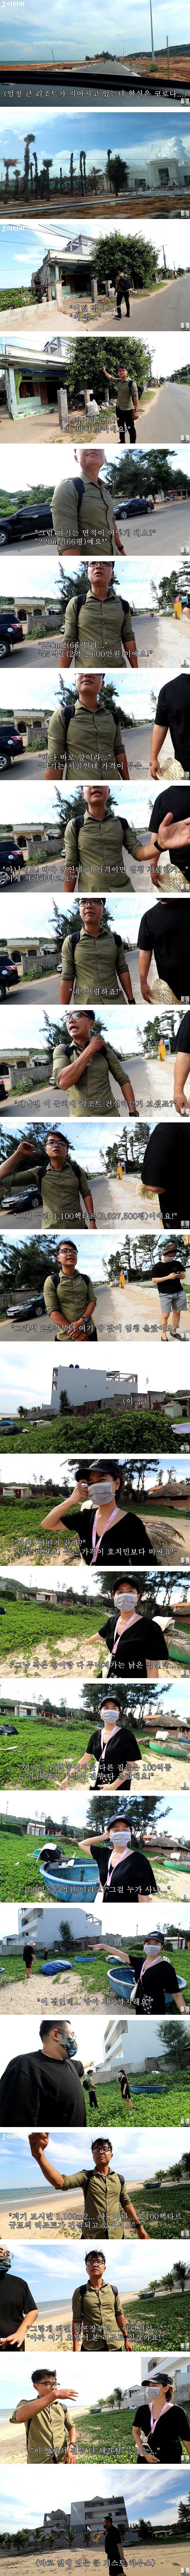 베트남 시골 바다 바로 앞 2억 3천만원짜리 집.jpg